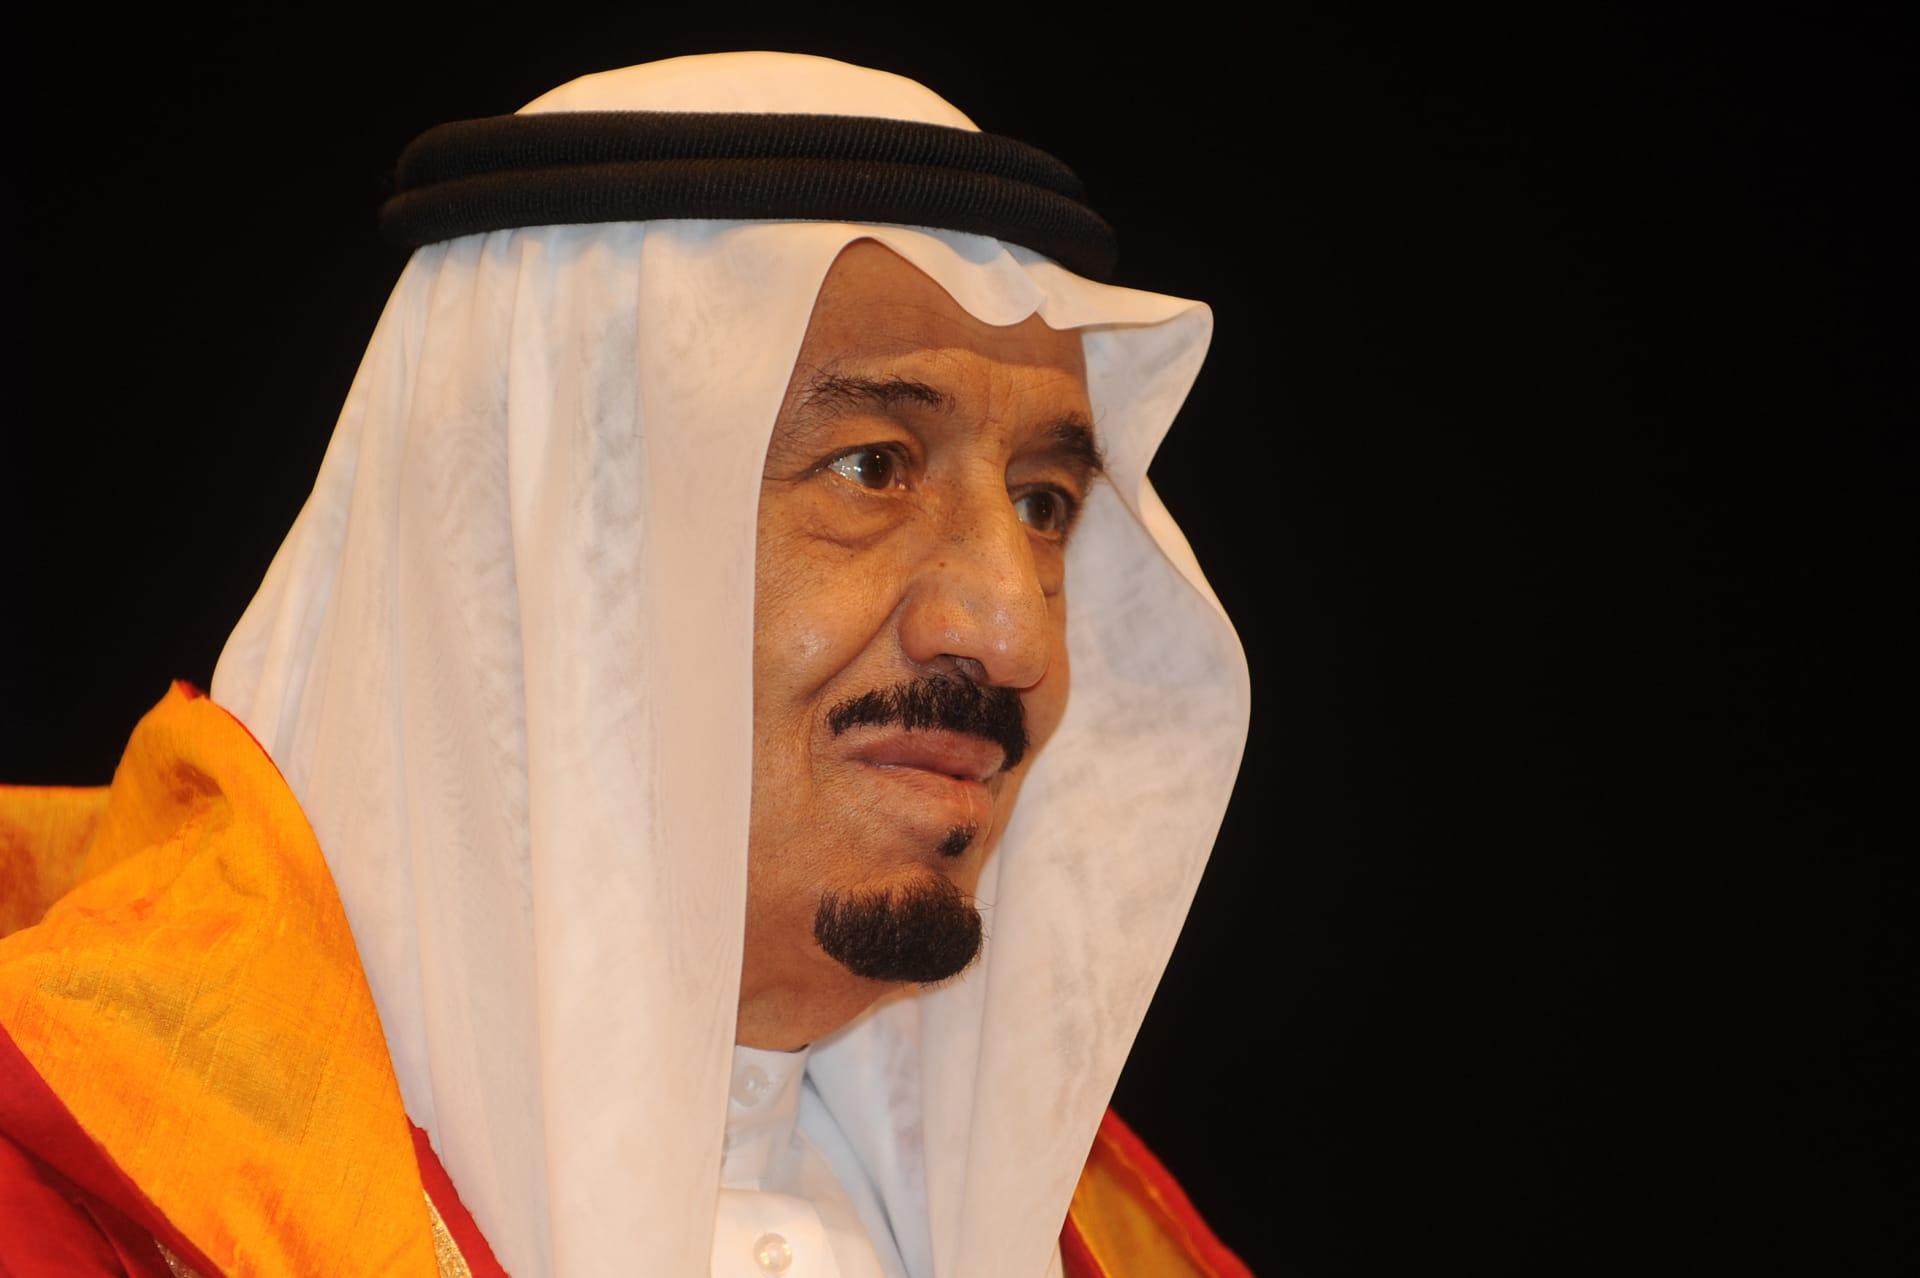 الملك سلمان يتقلد أرفع الأوسمة.. ويختتم جولته: دول الخليج لها في وجداني الكثير من التقدير